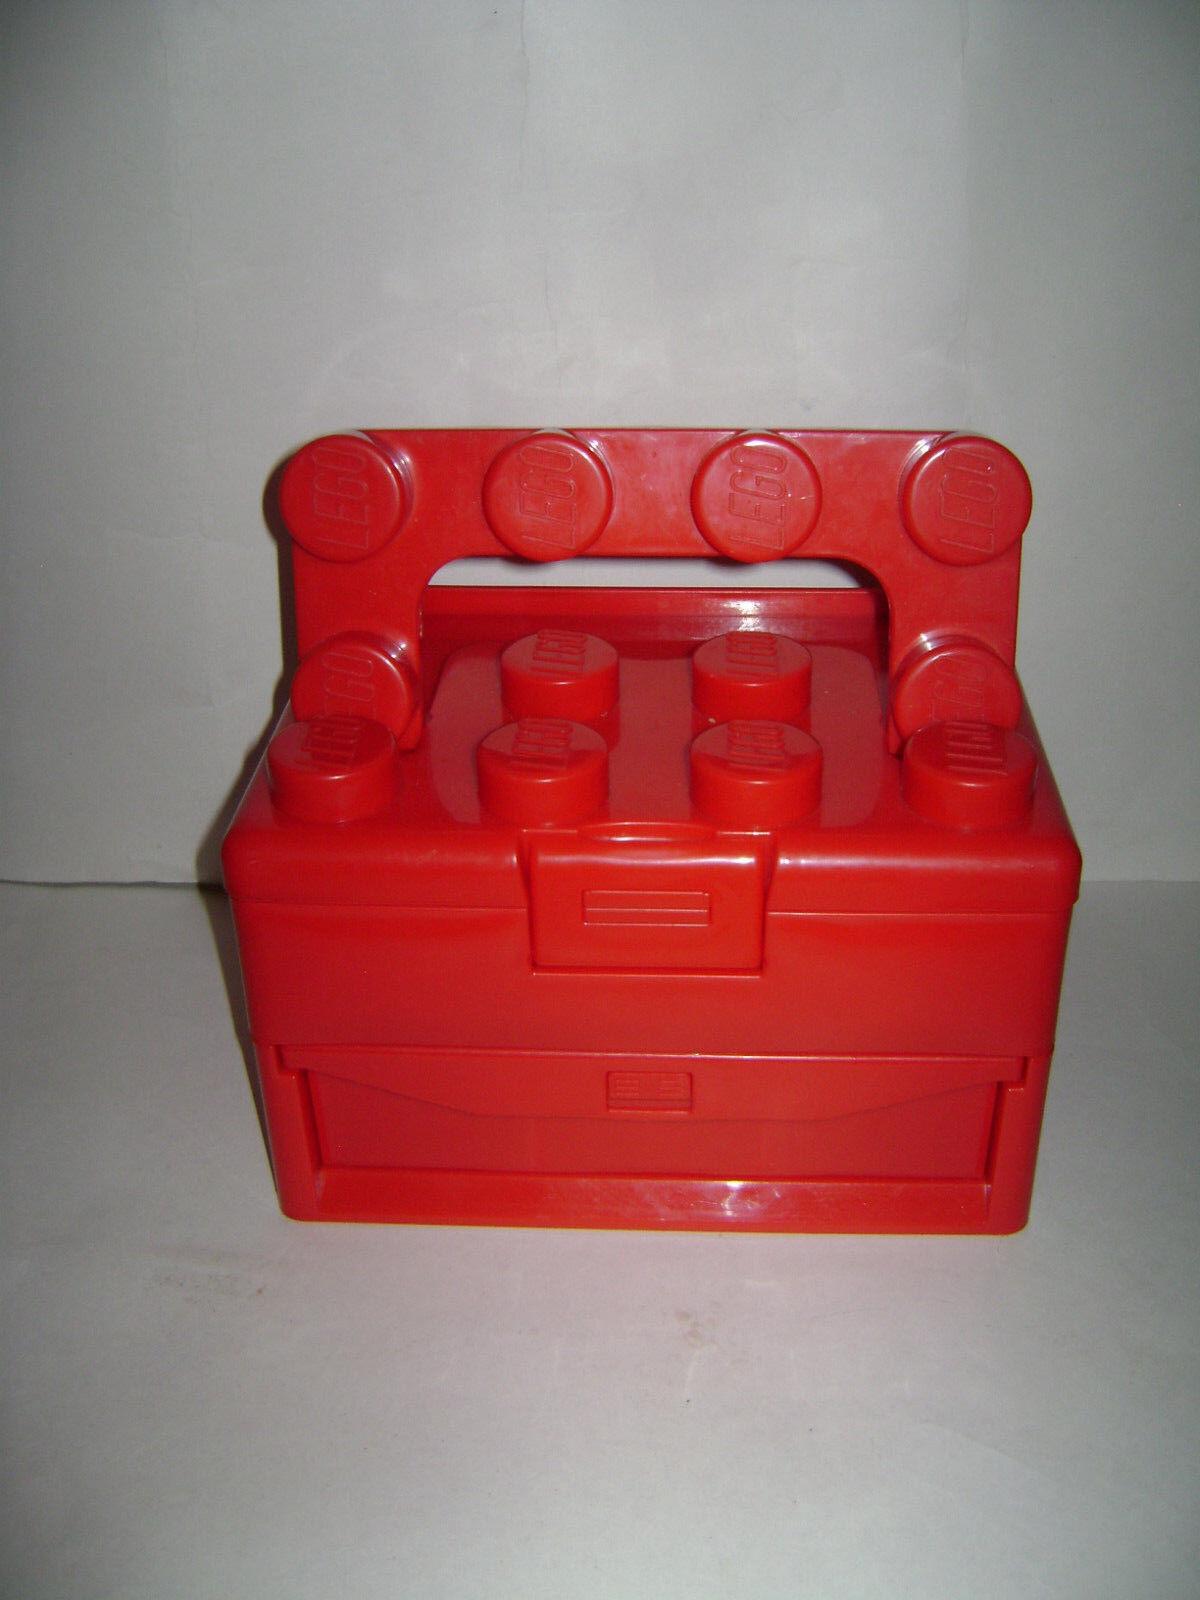 LEGO 2011 rosso CASE STORAGE scatola with  HeLE RETIrosso  Spedizione gratuita per tutti gli ordini